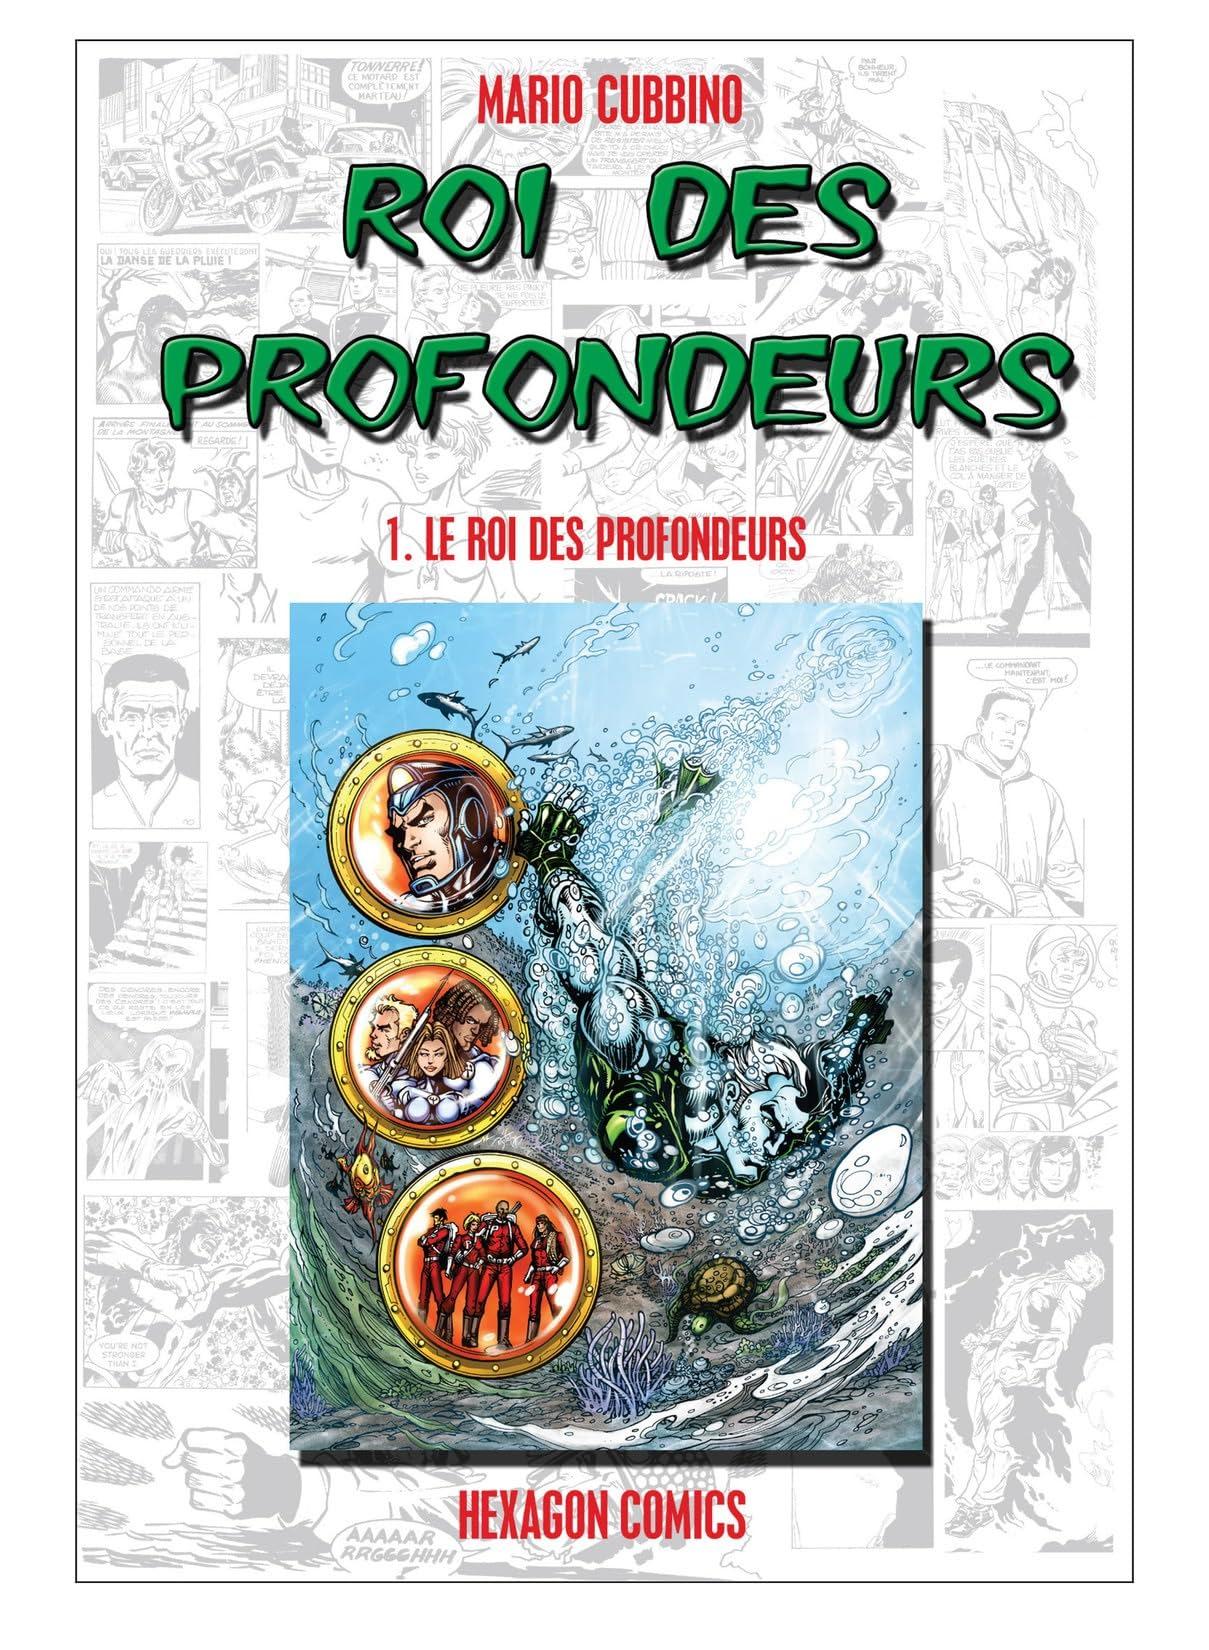 ROI DES PROFONDEURS Vol. 1: Le roi des profondeurs